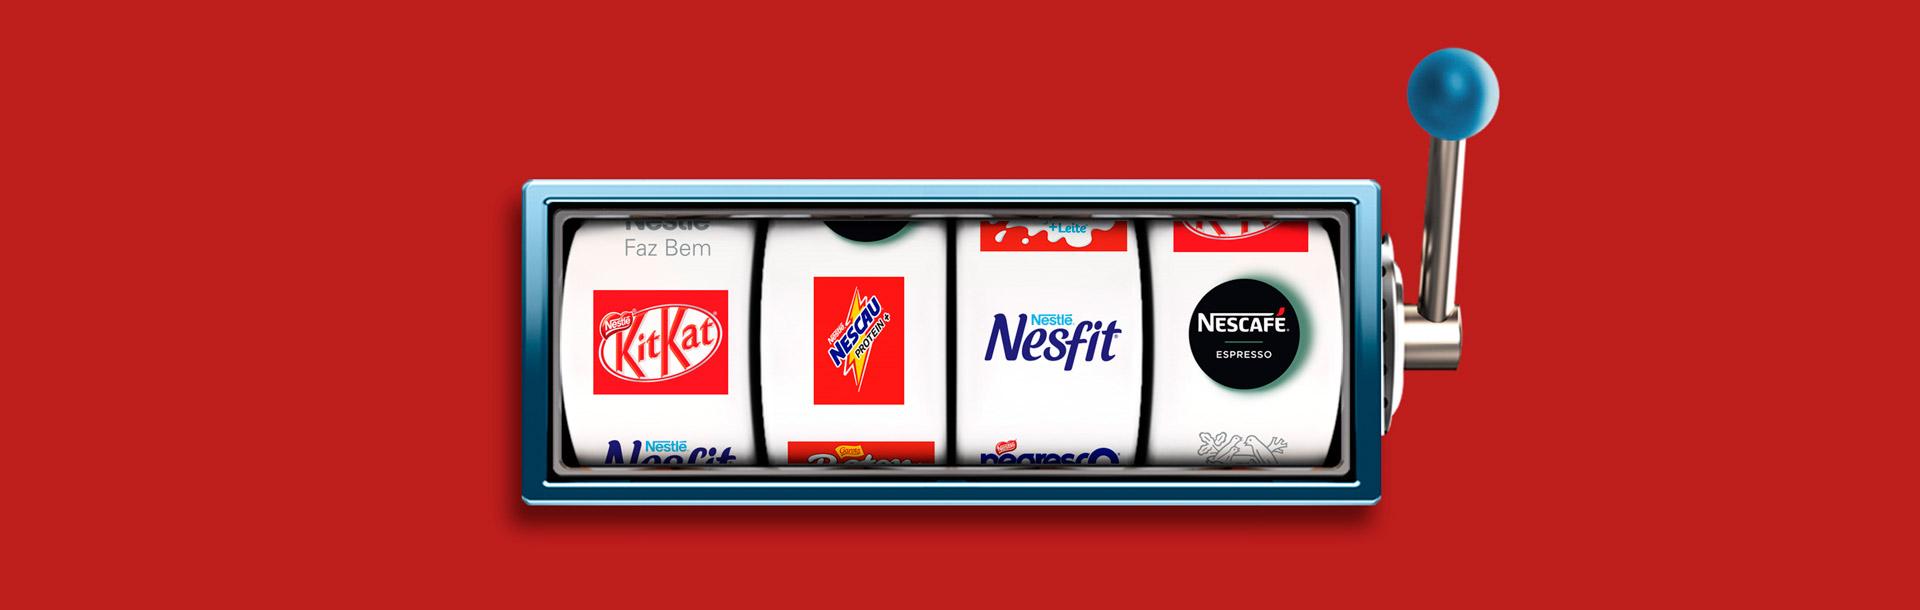 Distribuição de brindes com caça níquel Case Nestlé